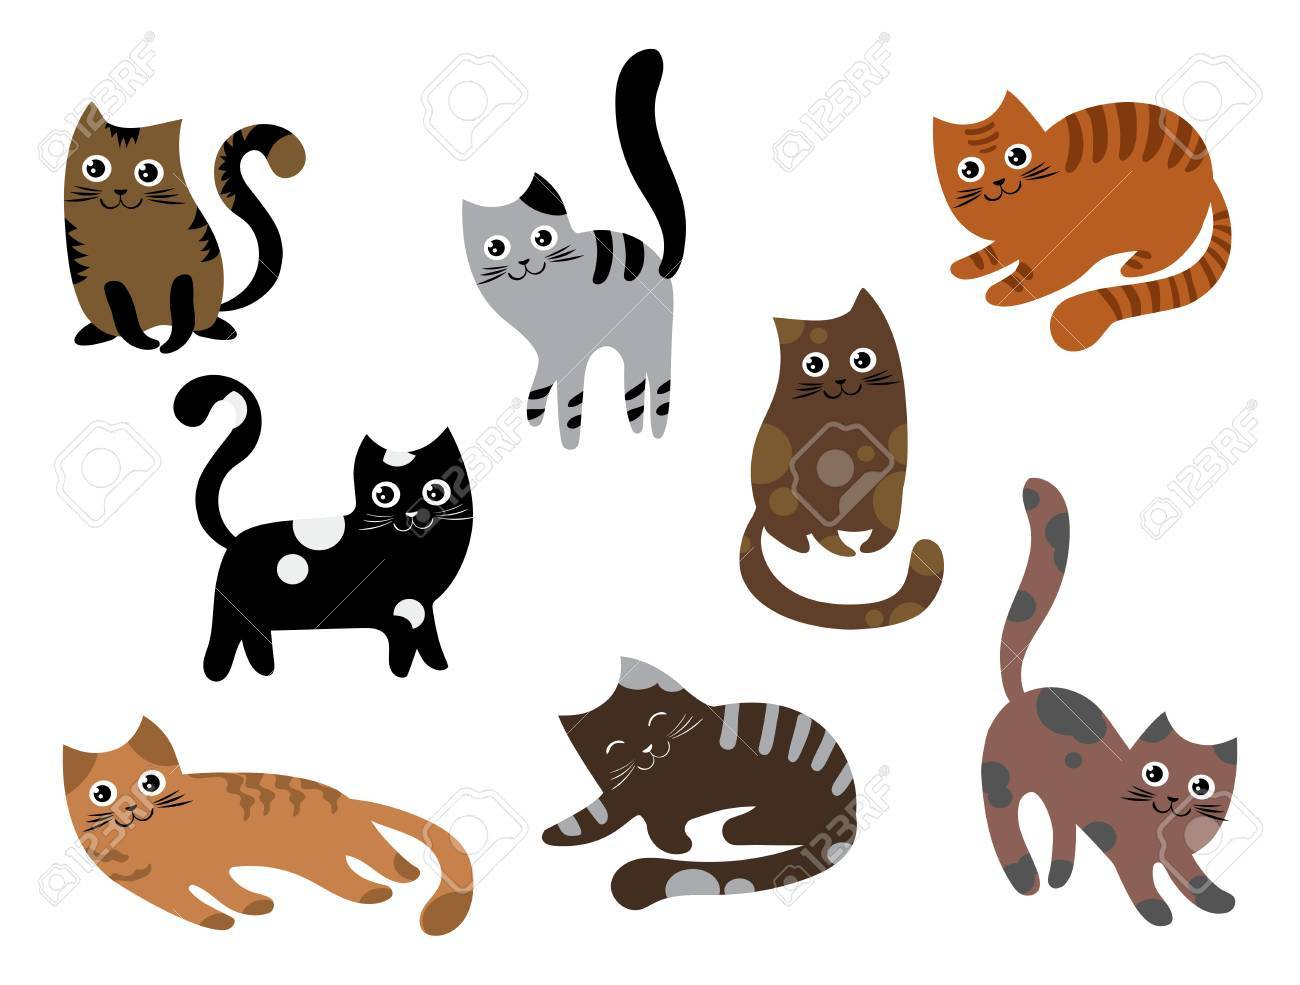 Un Conjunto De Gatos Una Colección De Gatitos De Dibujos Animados